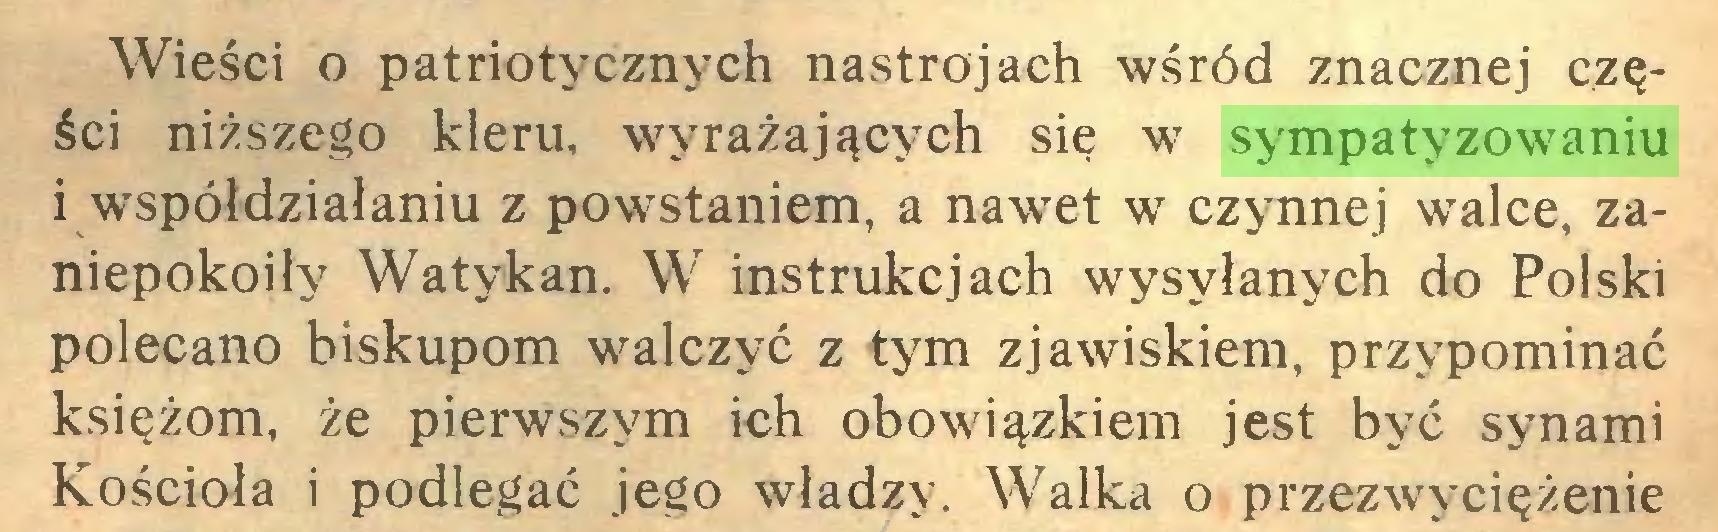 (...) Wieści o patriotycznych nastrojach wśród znacznej części niższego kleru, wyrażających się w sympatyzowaniu i współdziałaniu z powstaniem, a nawet w czynnej walce, zaniepokoiły Watykan. W instrukcjach wysyłanych do Polski polecano biskupom walczyć z tym zjawiskiem, przypominać księżom, że pierwszym ich obowiązkiem jest być synami Kościoła i podlegać jego władzy. Walka o przezwyciężenie...